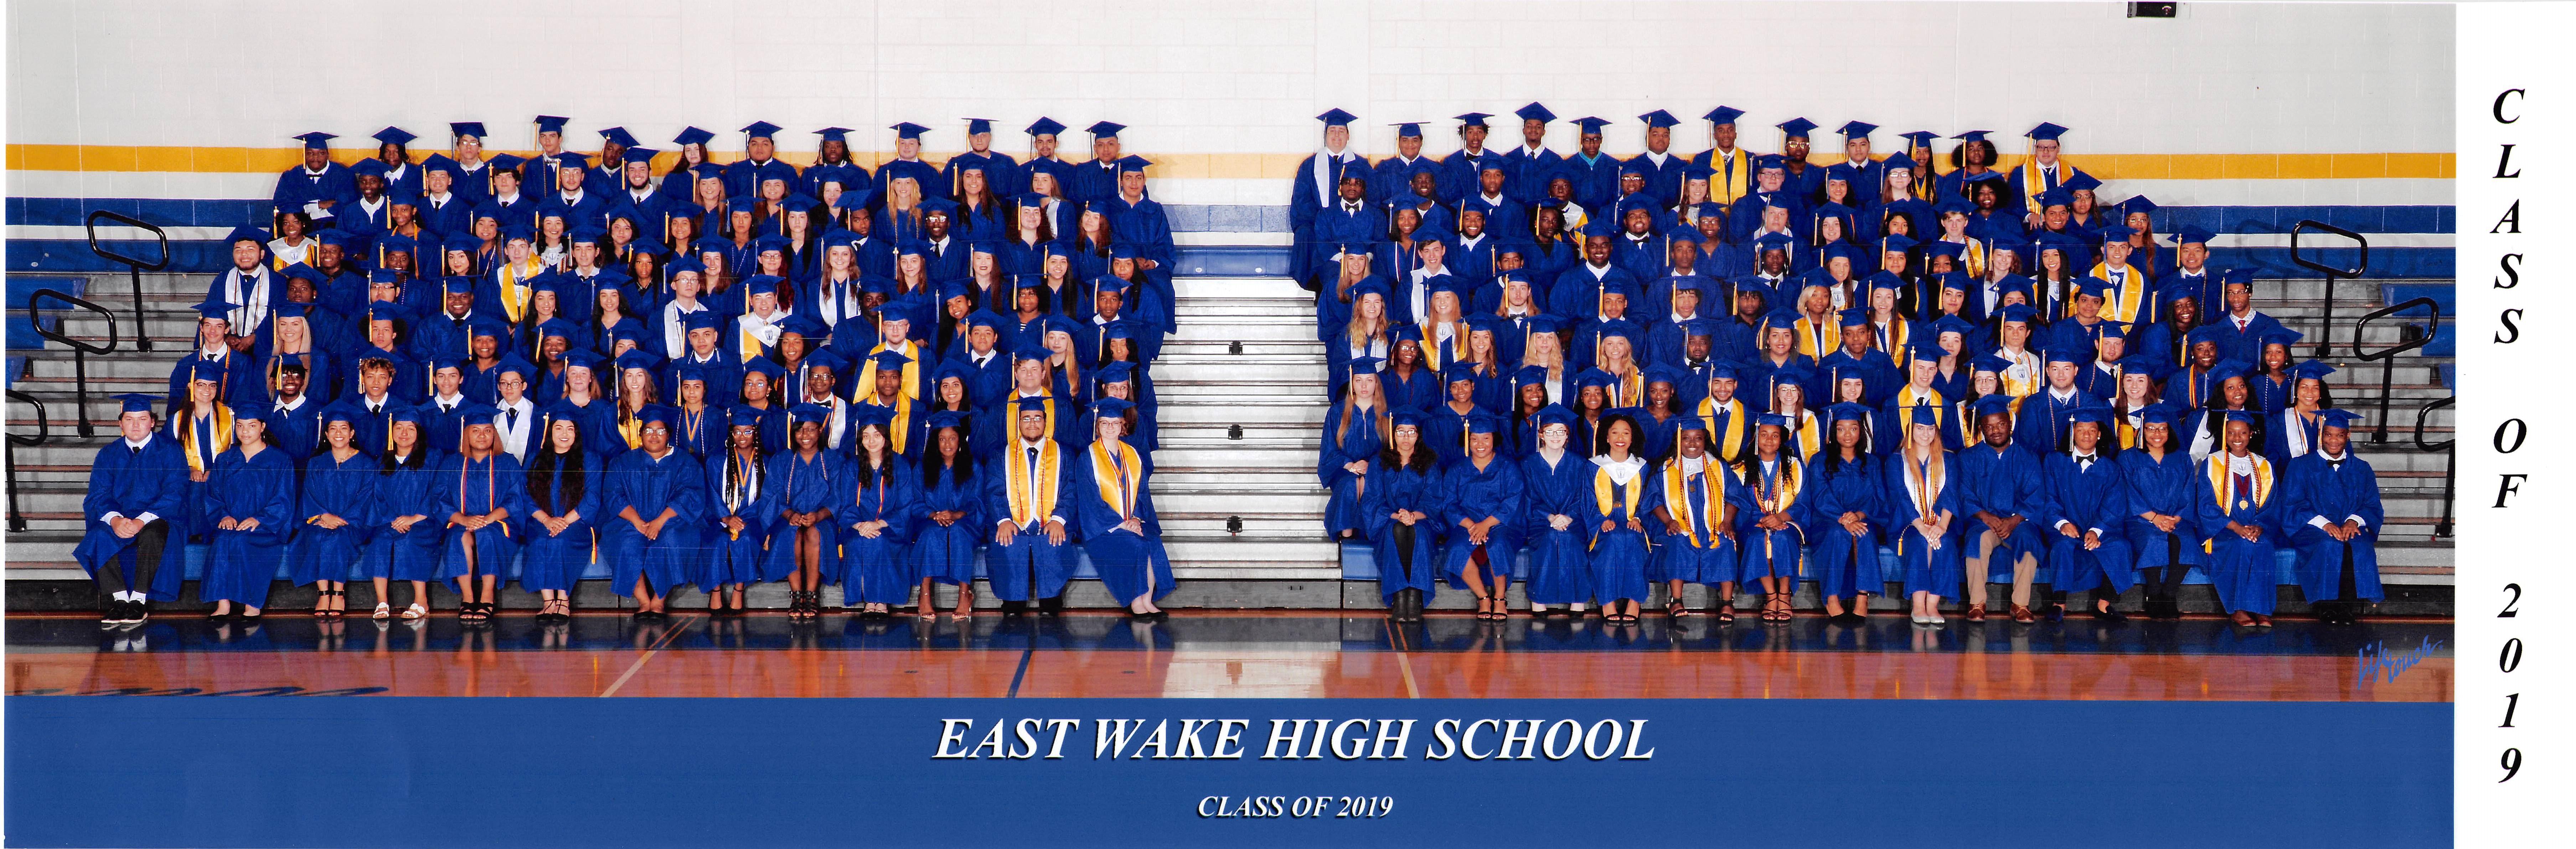 East Wake High School / Homepage